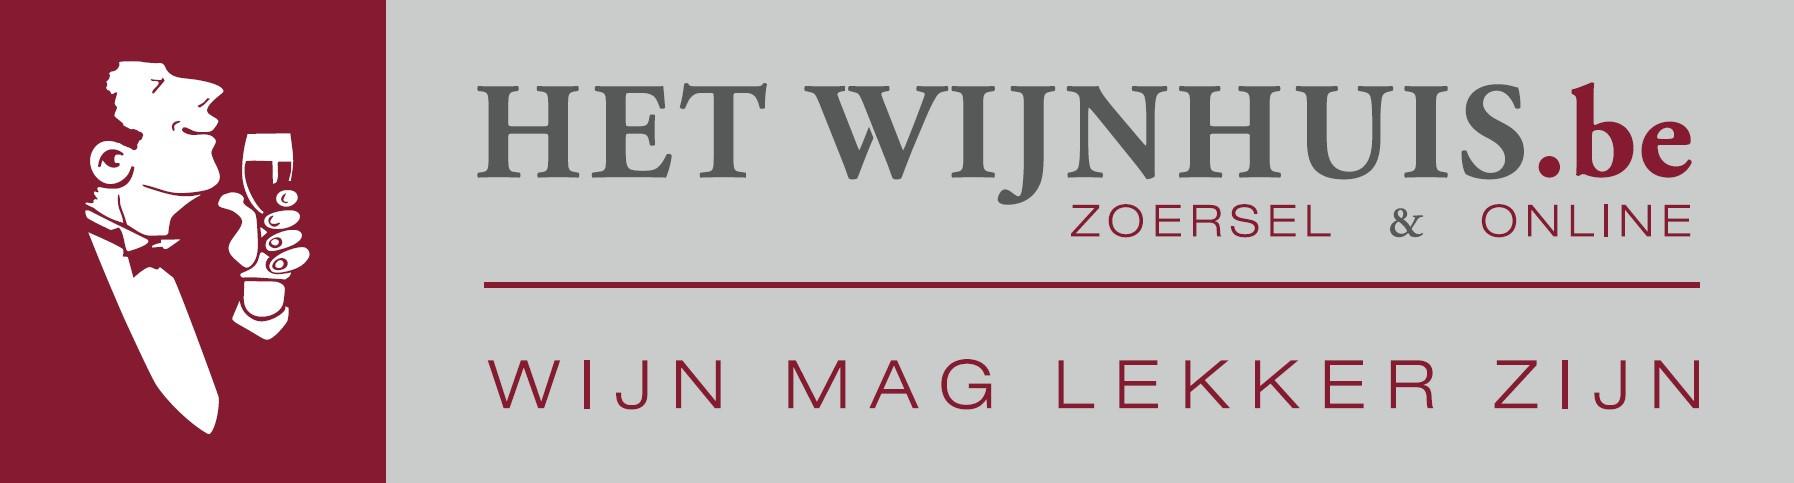 Het Wijnhuis Zoersel Culinair